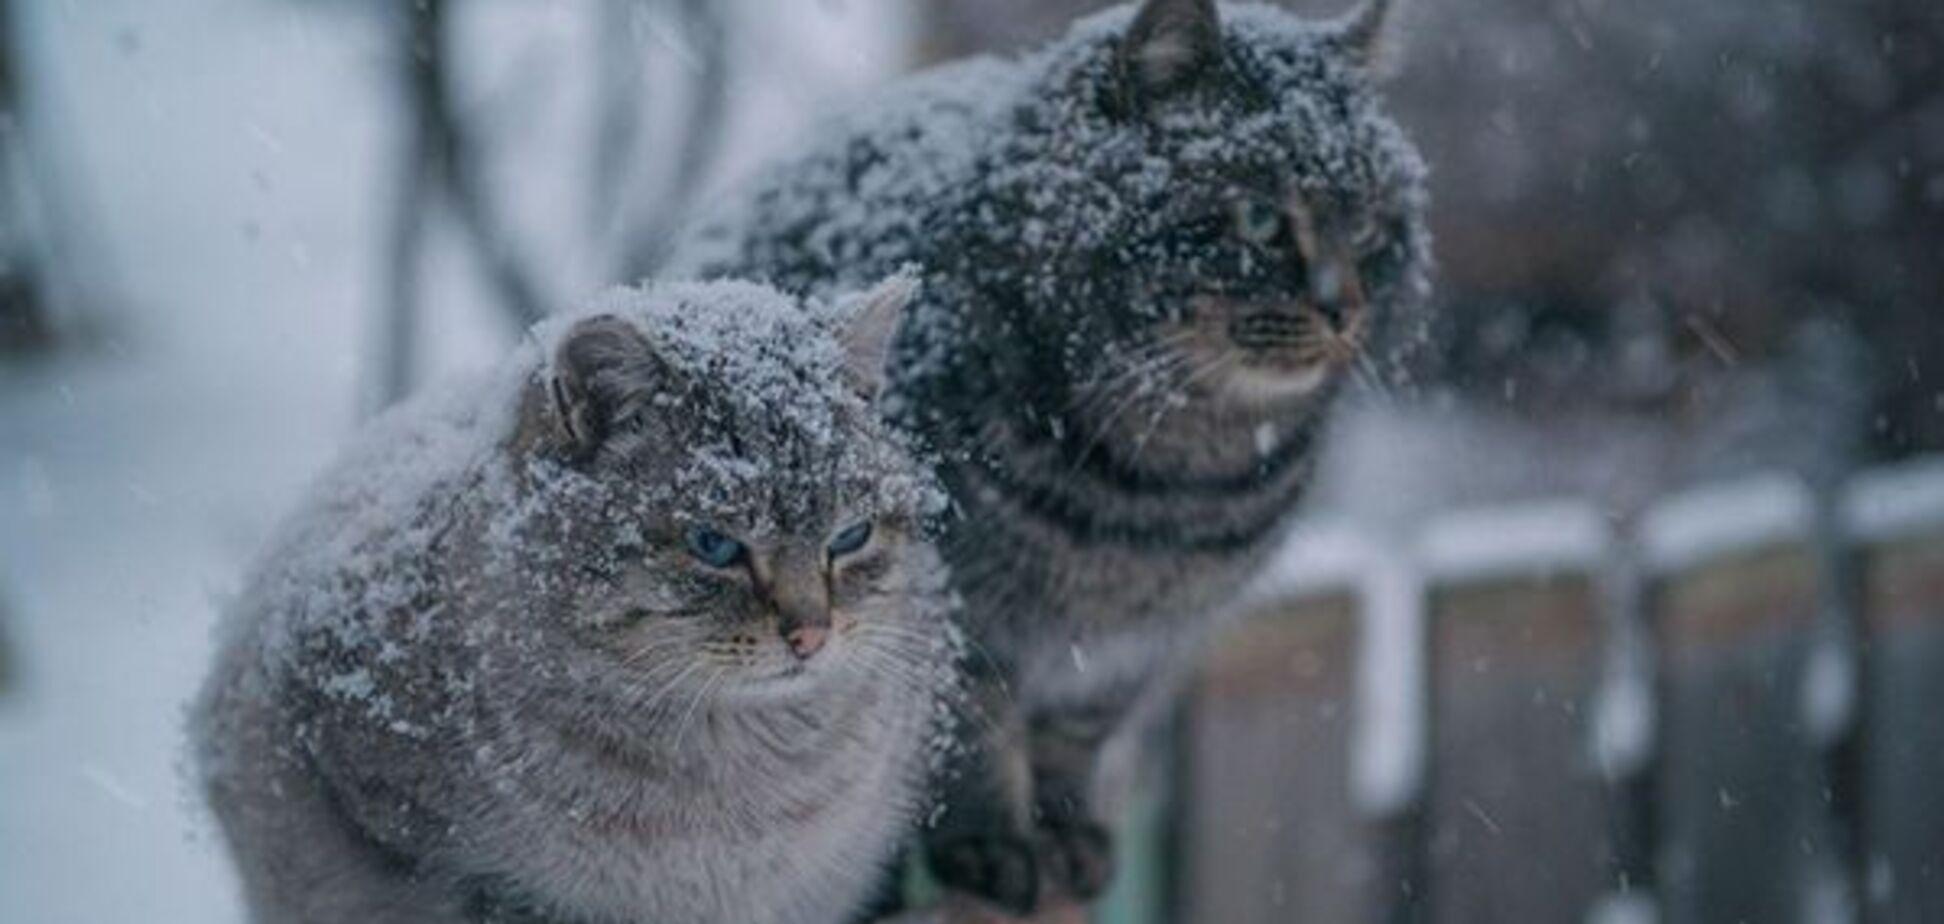 Теплую погоду в Украине сменят сильные морозы: синоптики назвали дату